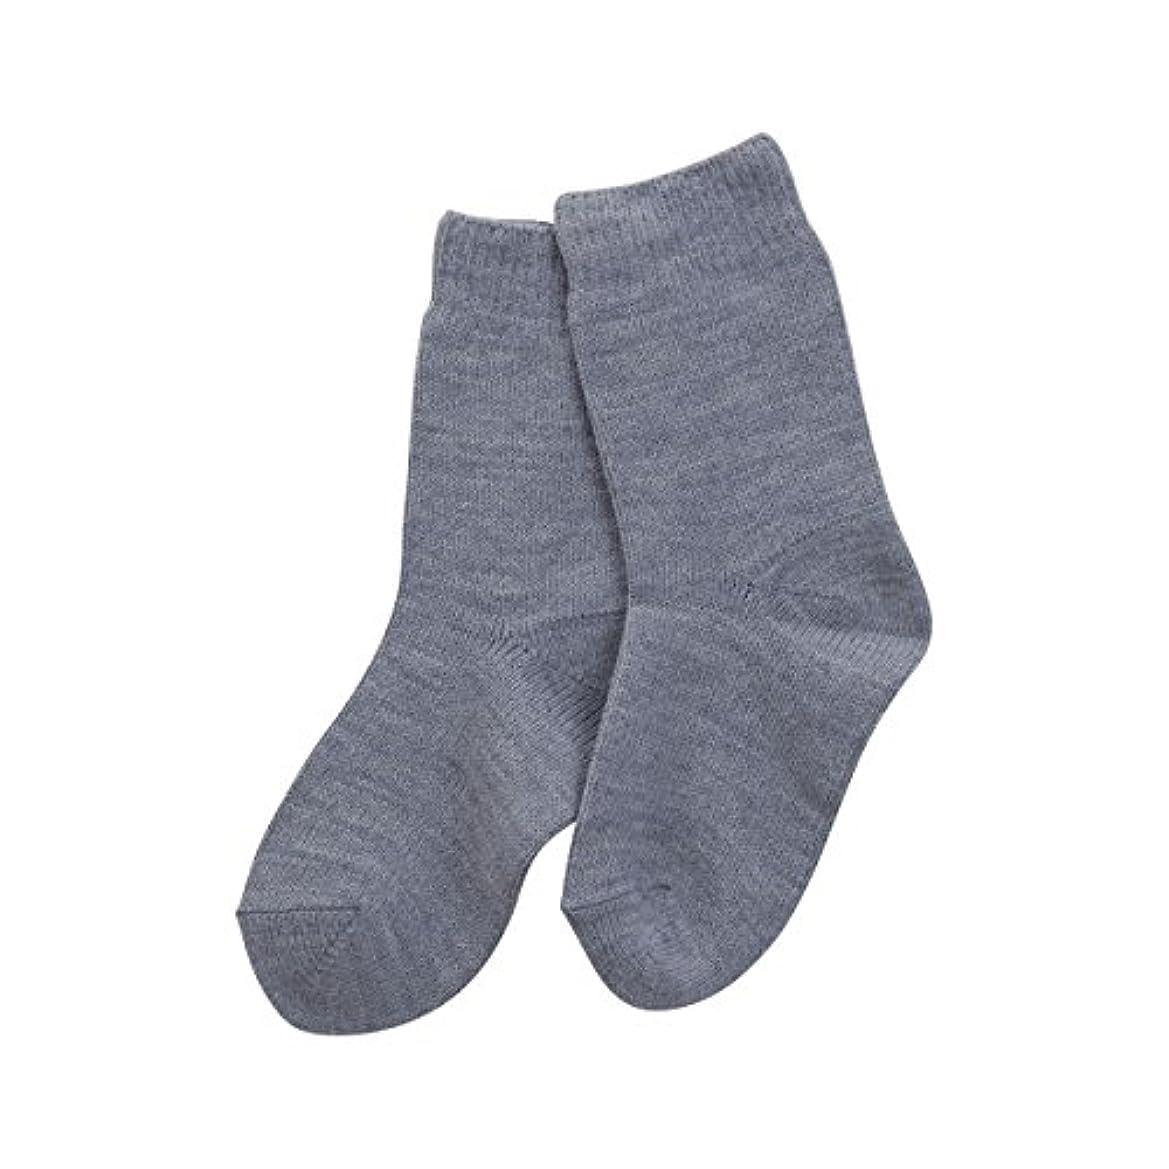 カバレッジ長いですメッセンジャー(コベス) KOBES ゴムなし 毛混 超ゆったり特大サイズ 大きいサイズ 靴下 日本製 婦人靴下